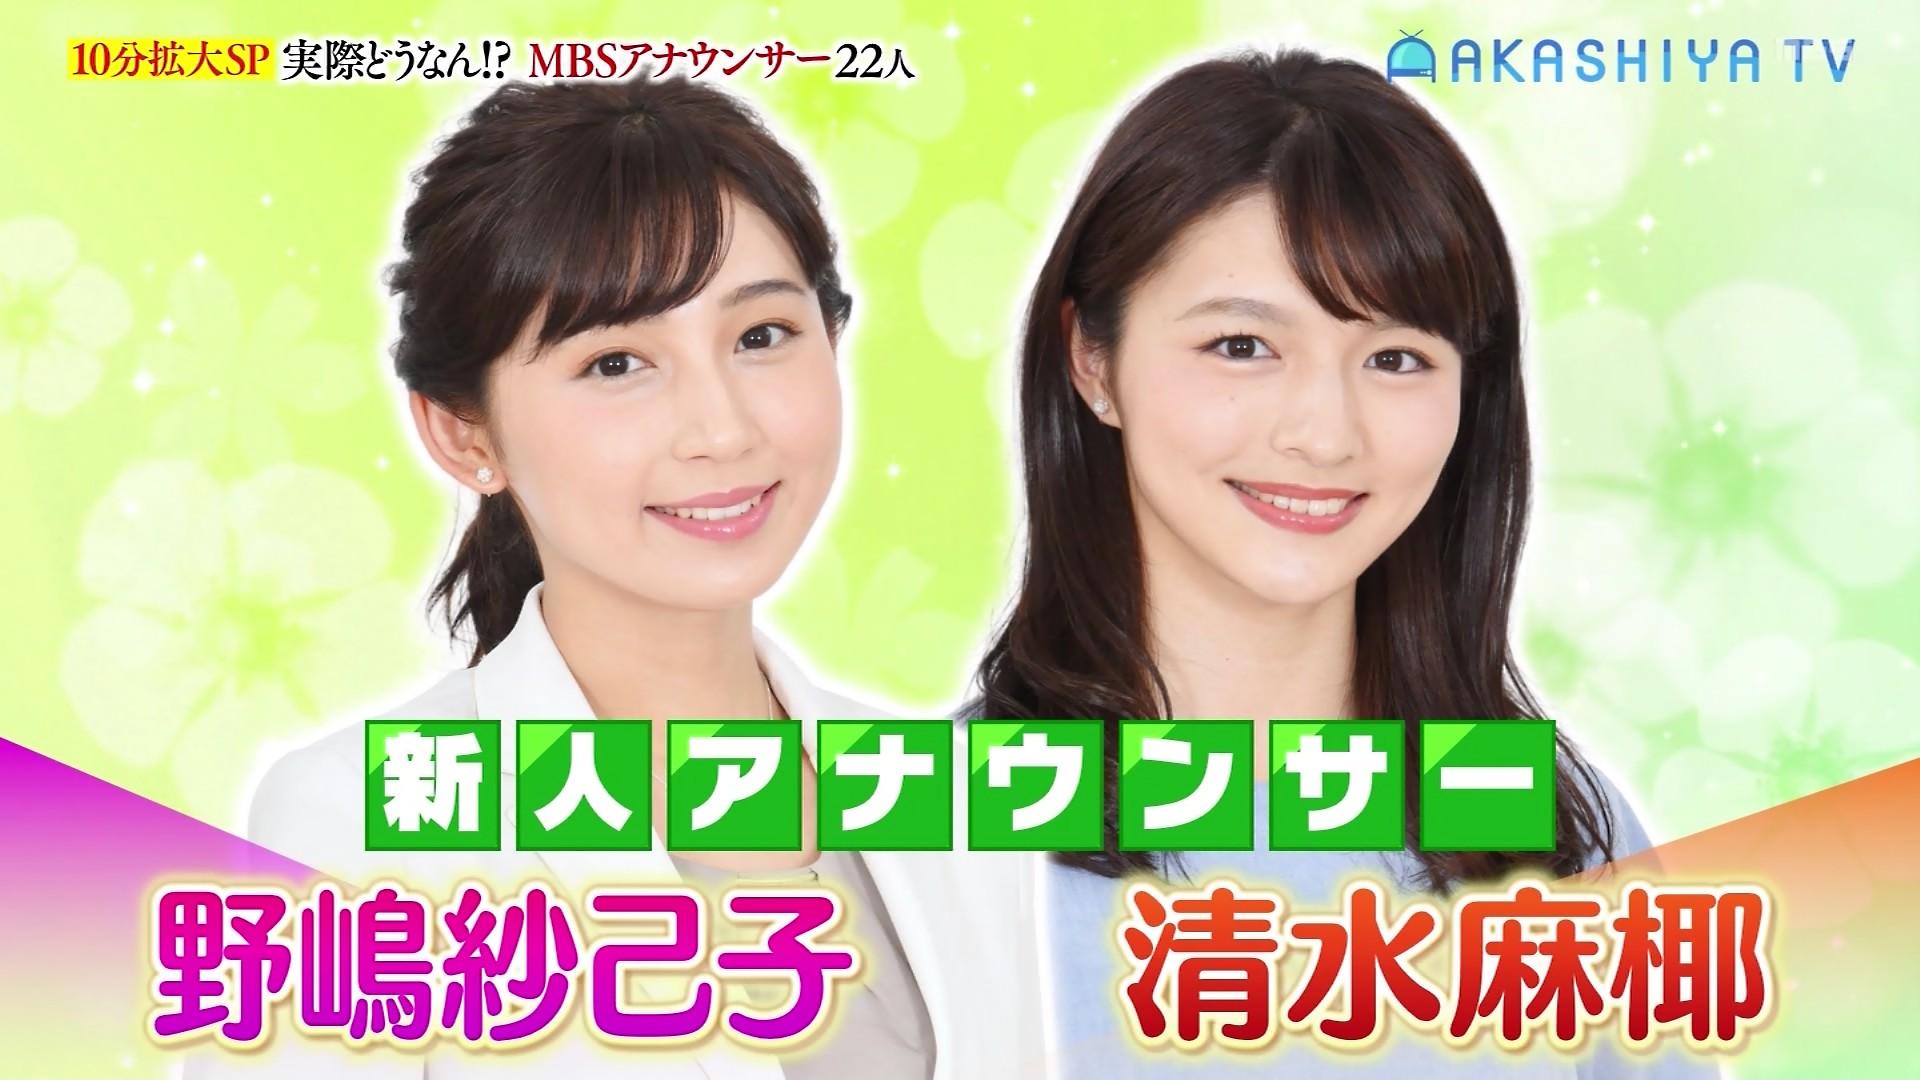 2019年11月25日に放送された「明石家電視台」に出演した女子アナ・野嶋紗己子さんのテレビキャプチャー画像-016